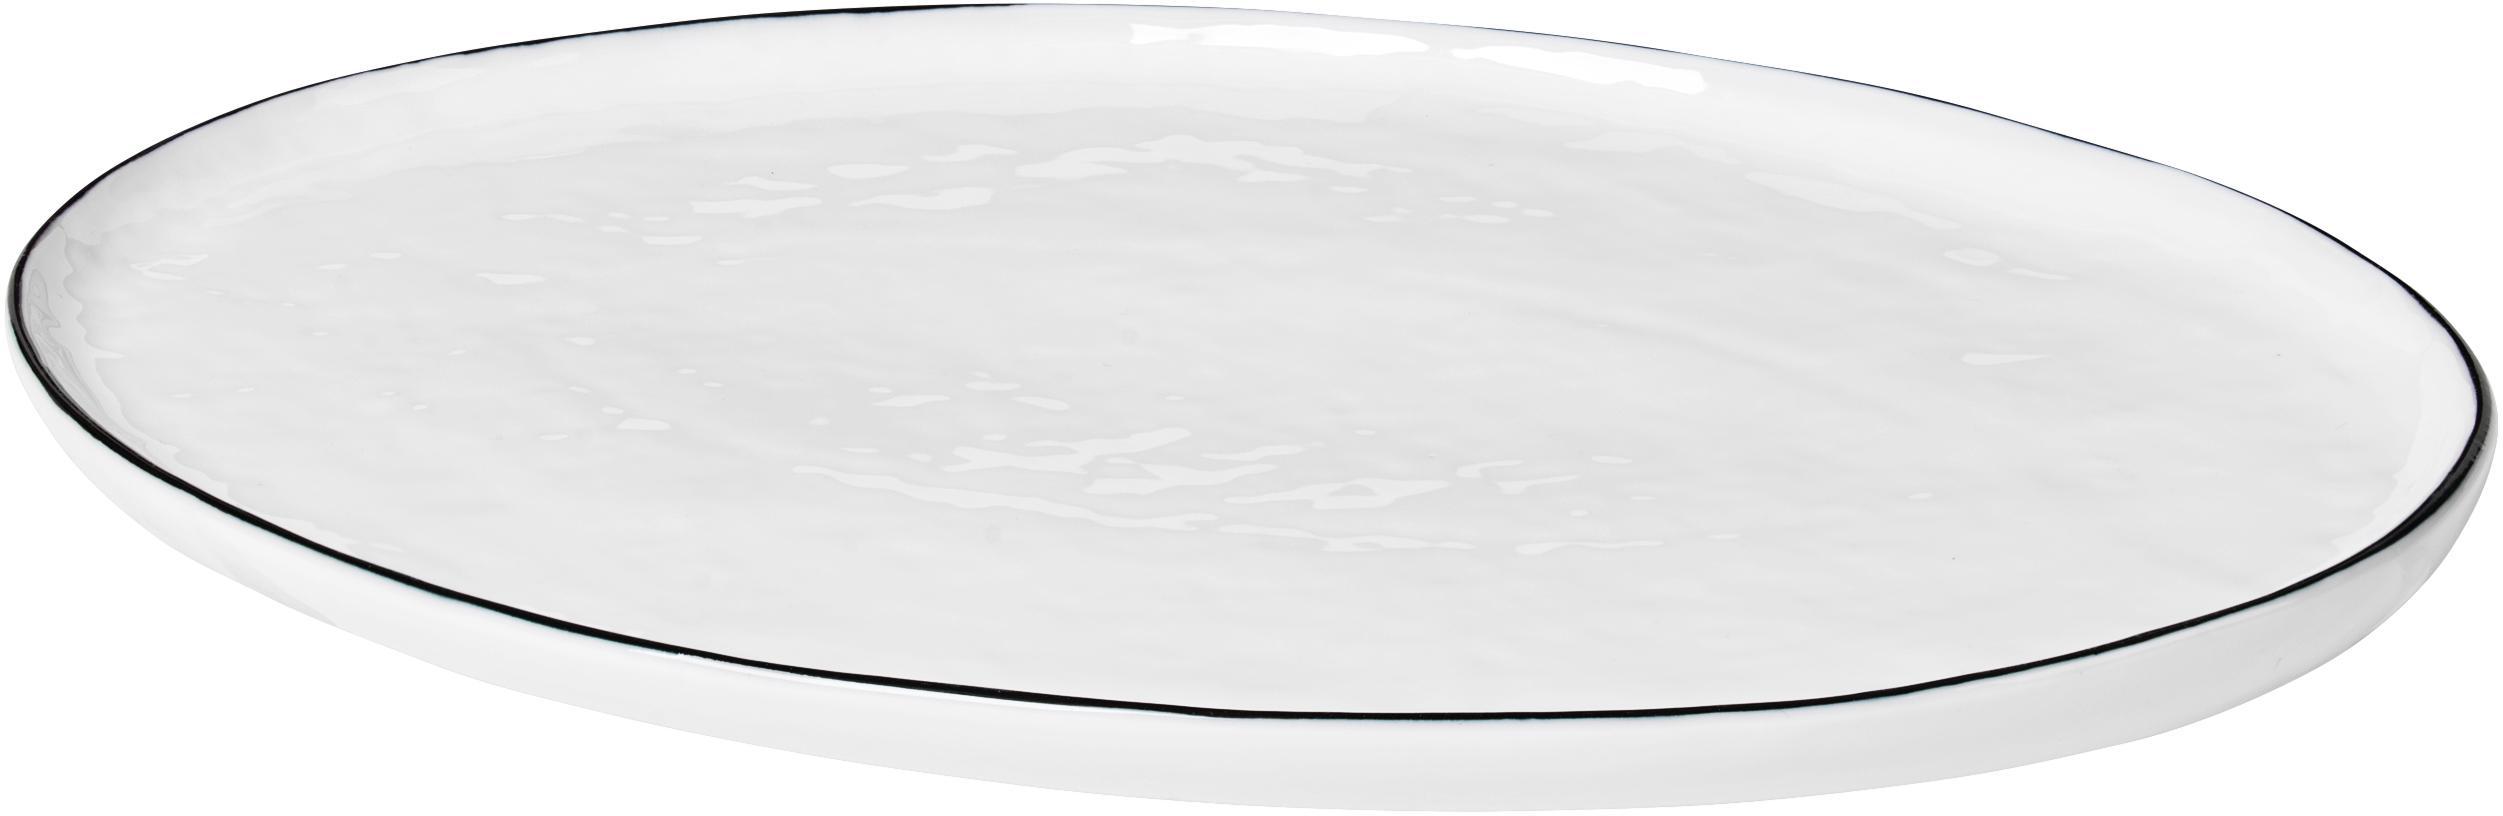 Piatto da portata fatto a mano Salt, Porcellana, Bianco latteo, nero, Larg. 20 x Prof. 30 cm